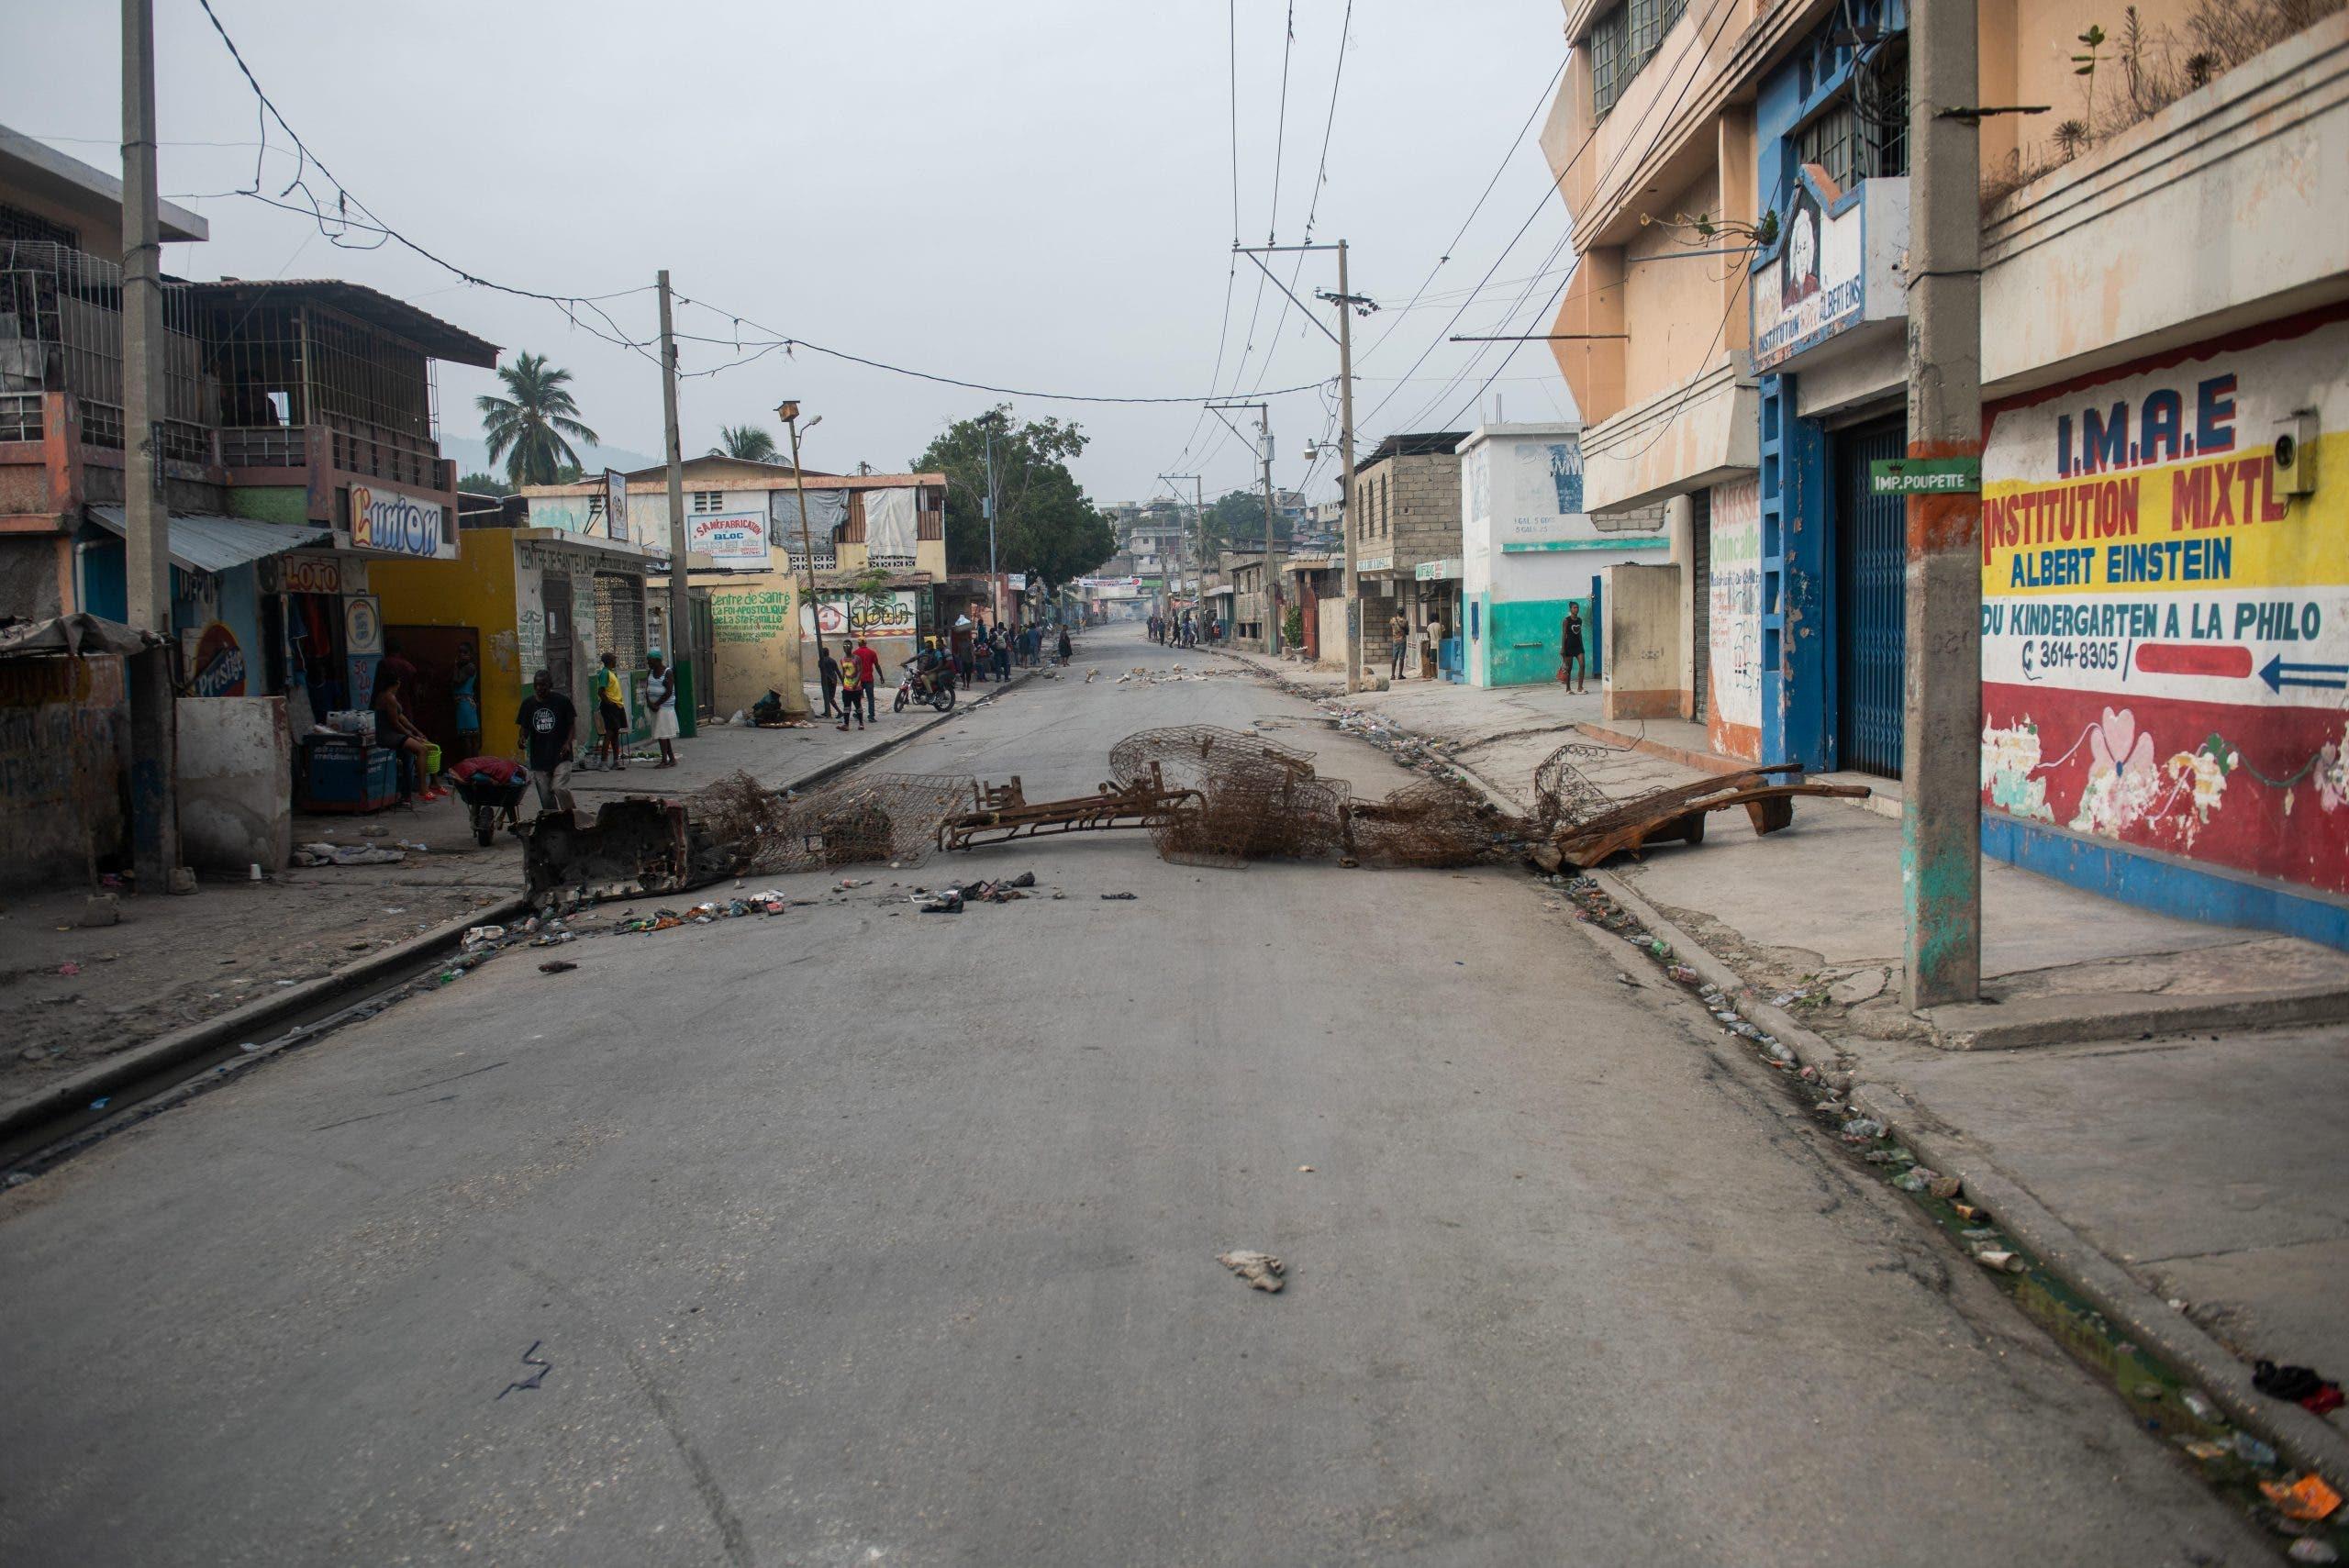 Haití: Liberan al padre tras pago de rescate e inmediatamente secuestran al hijo